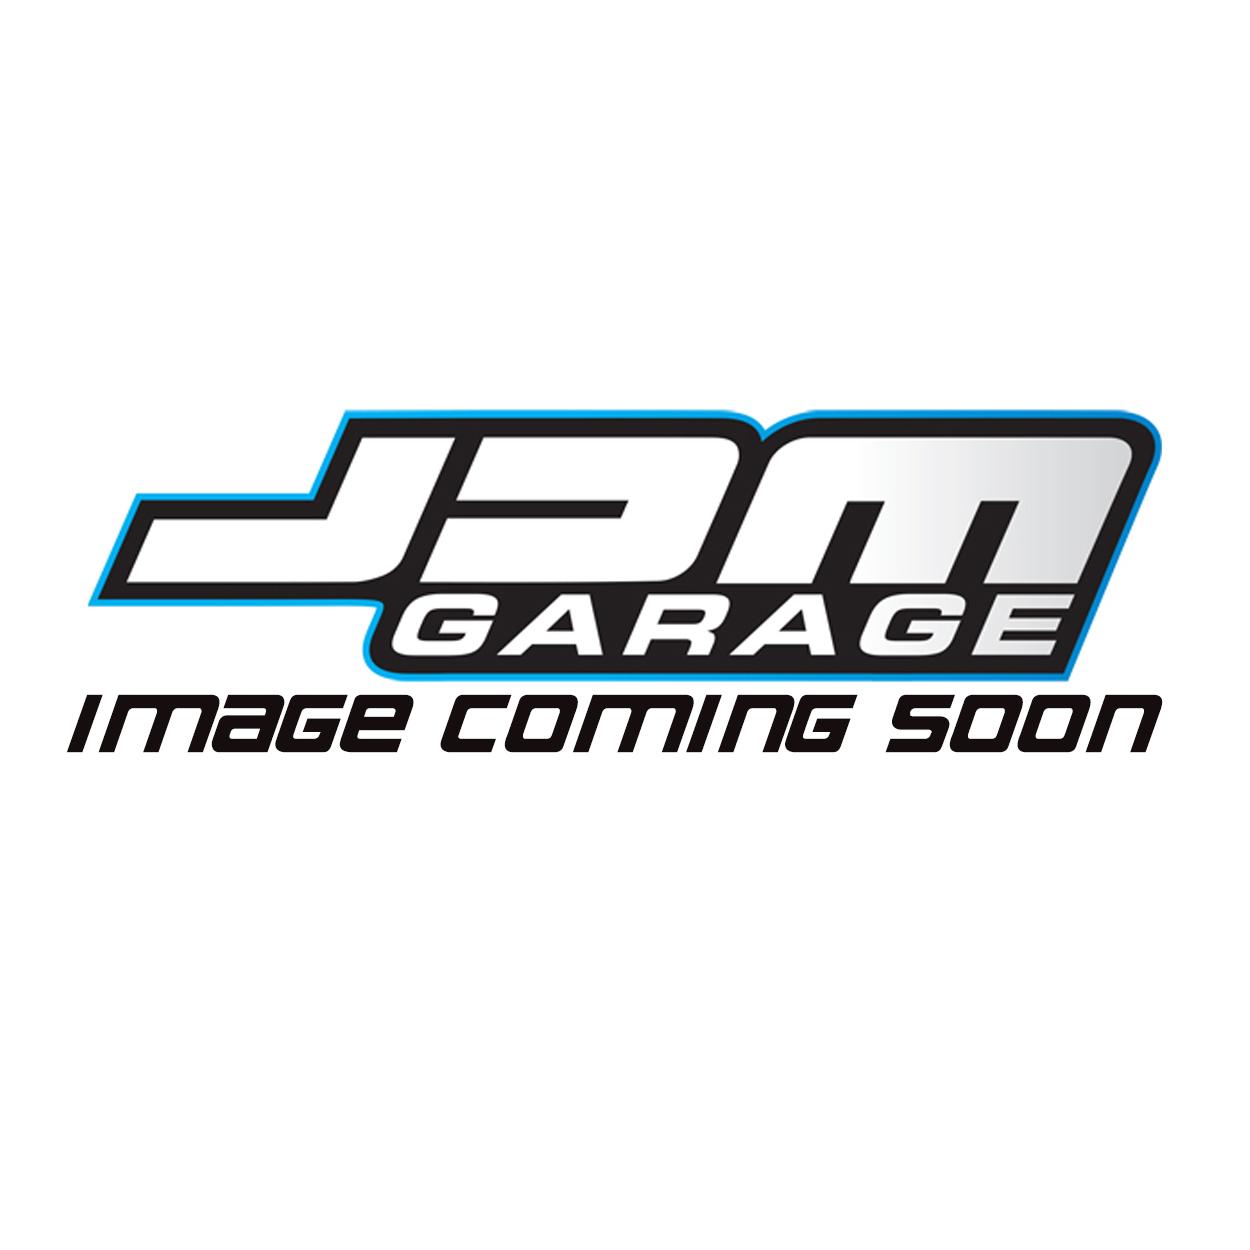 Uprated HKS Cambelt Timing Belt Kit Fits Toyota Supra JZ80 / Aristo JZS160 161 2JZ GTE / Chaser / Mark II 1JZ-GTE